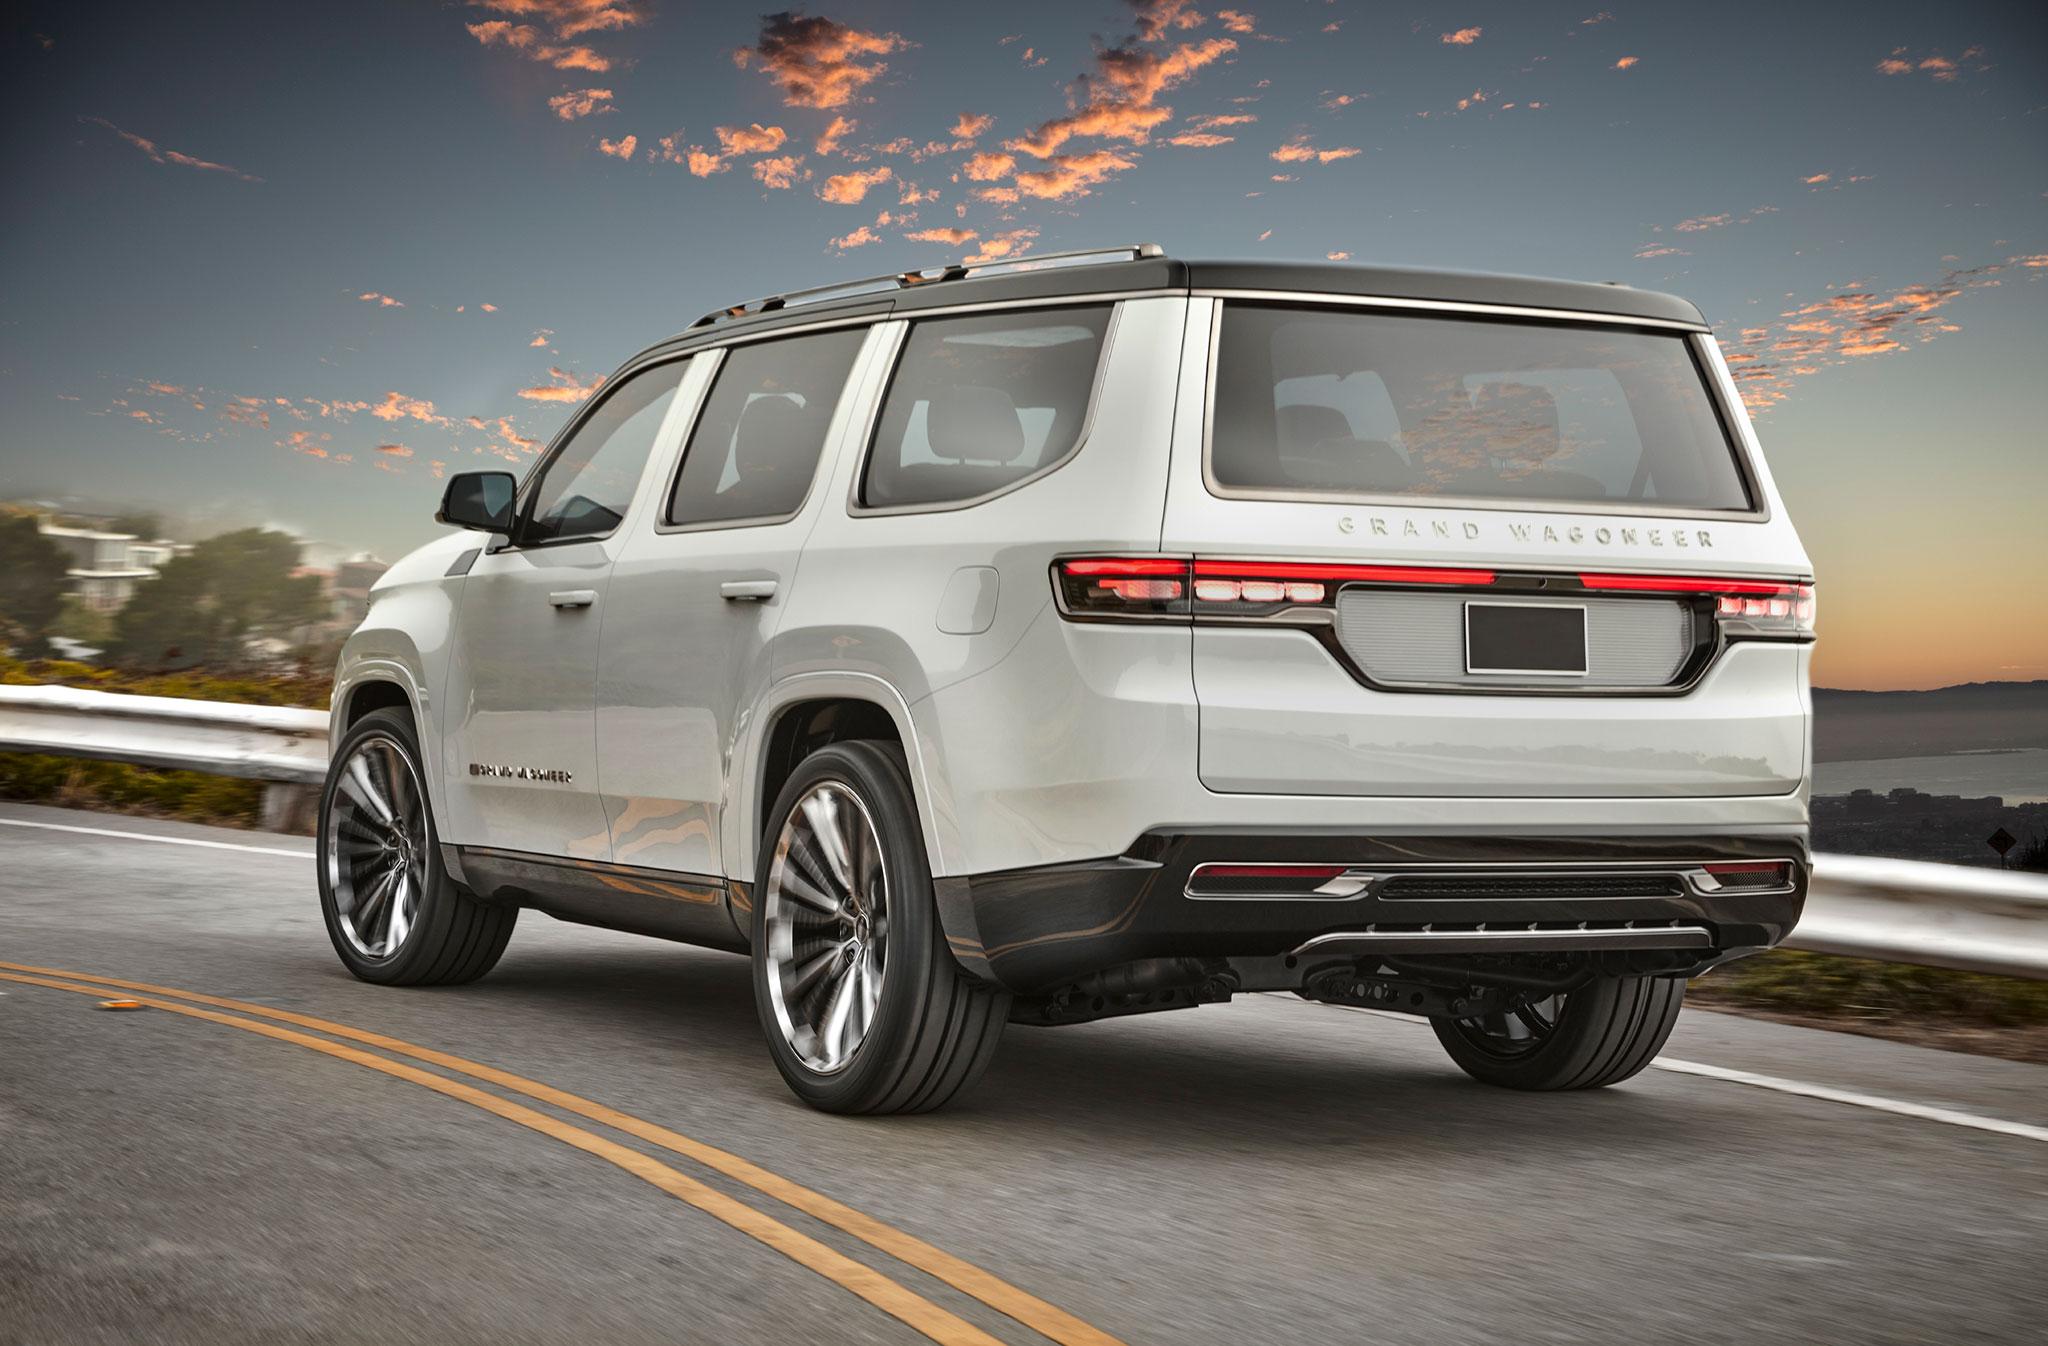 2020 Jeep Grand Wagoneer trois quarts arrière gauche - Jeep et Moab 2020.